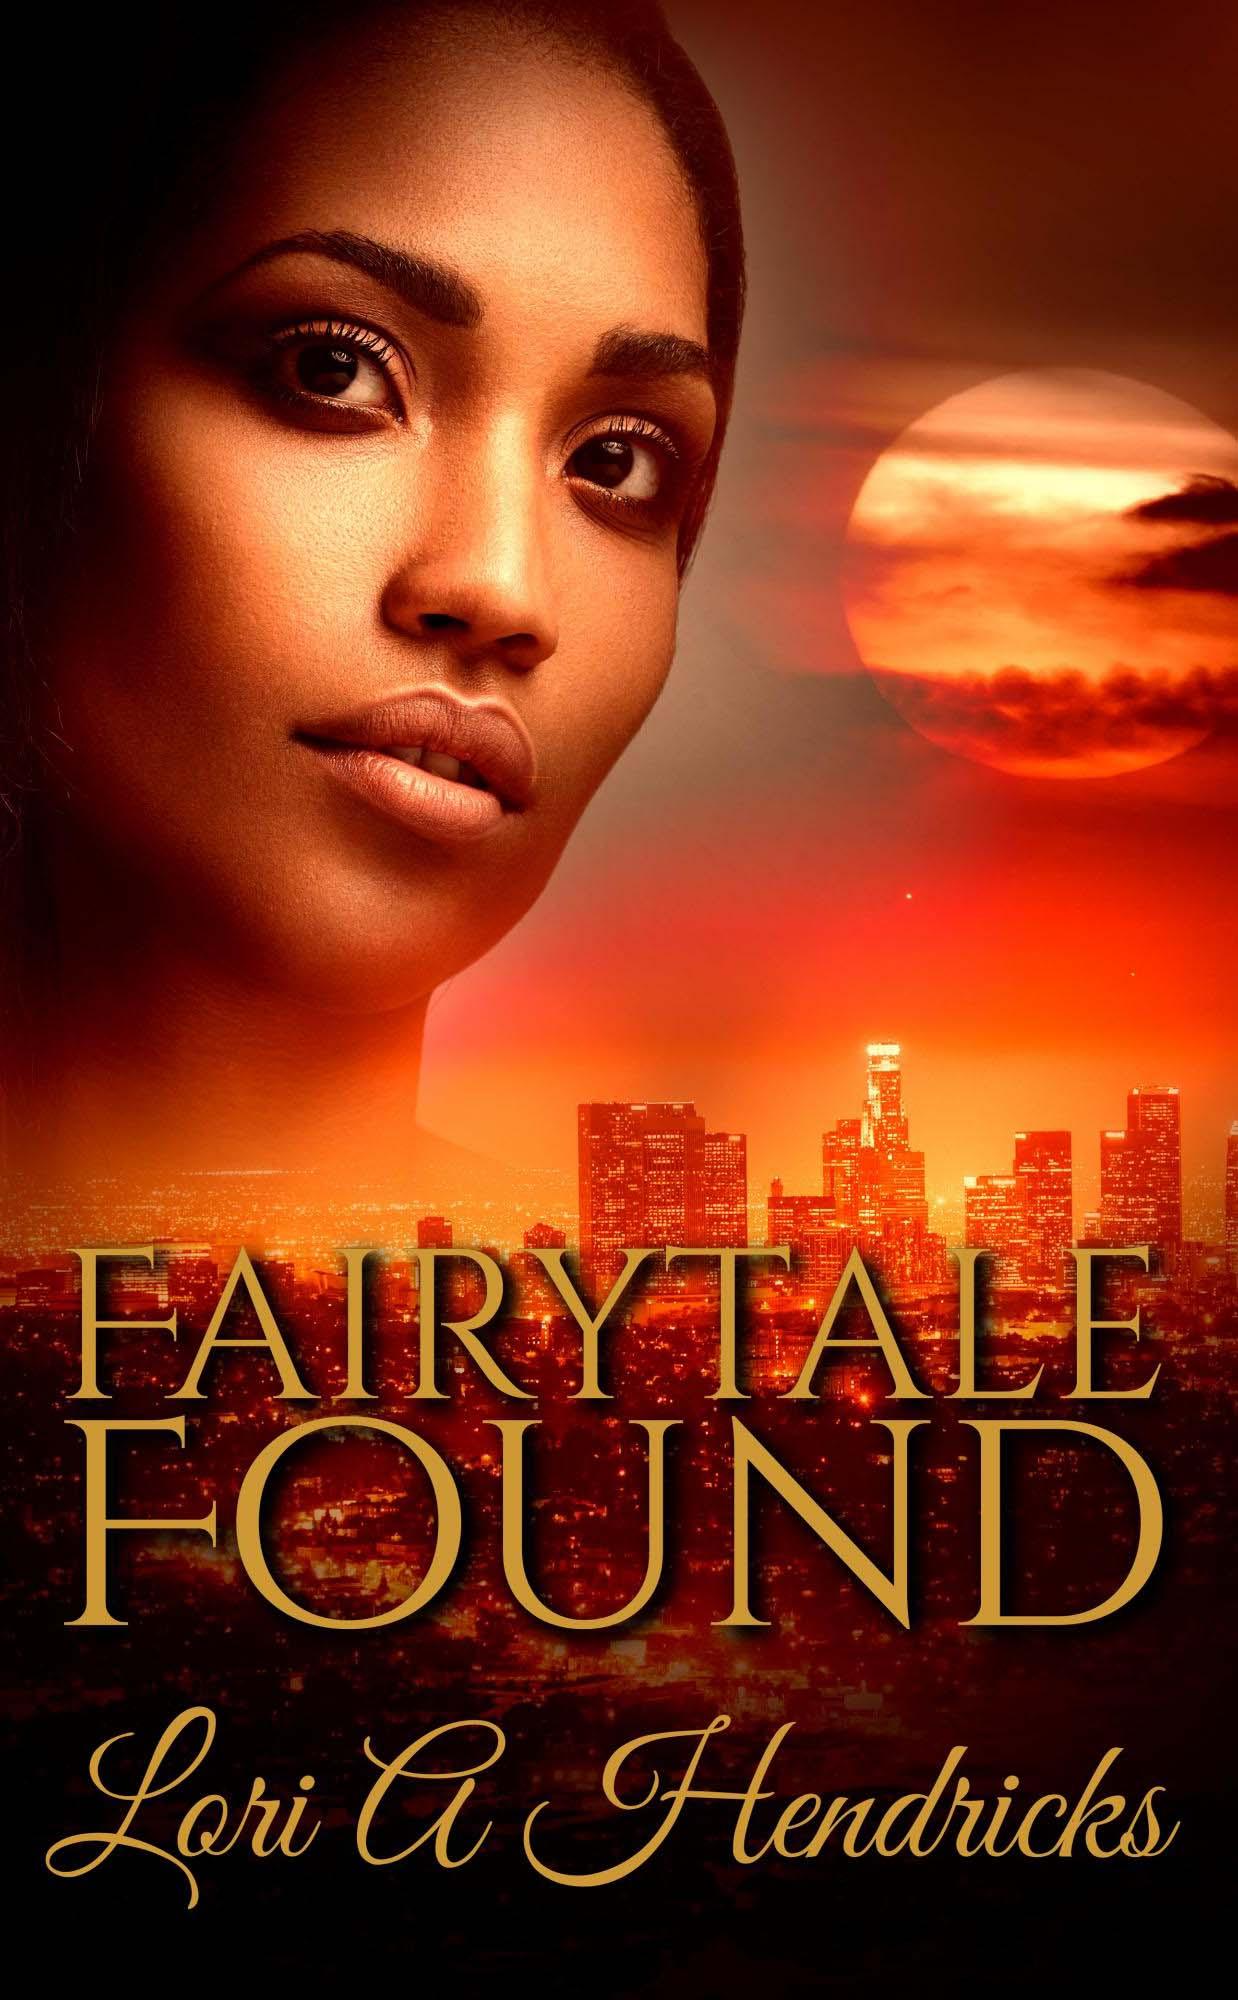 Fairytale Found